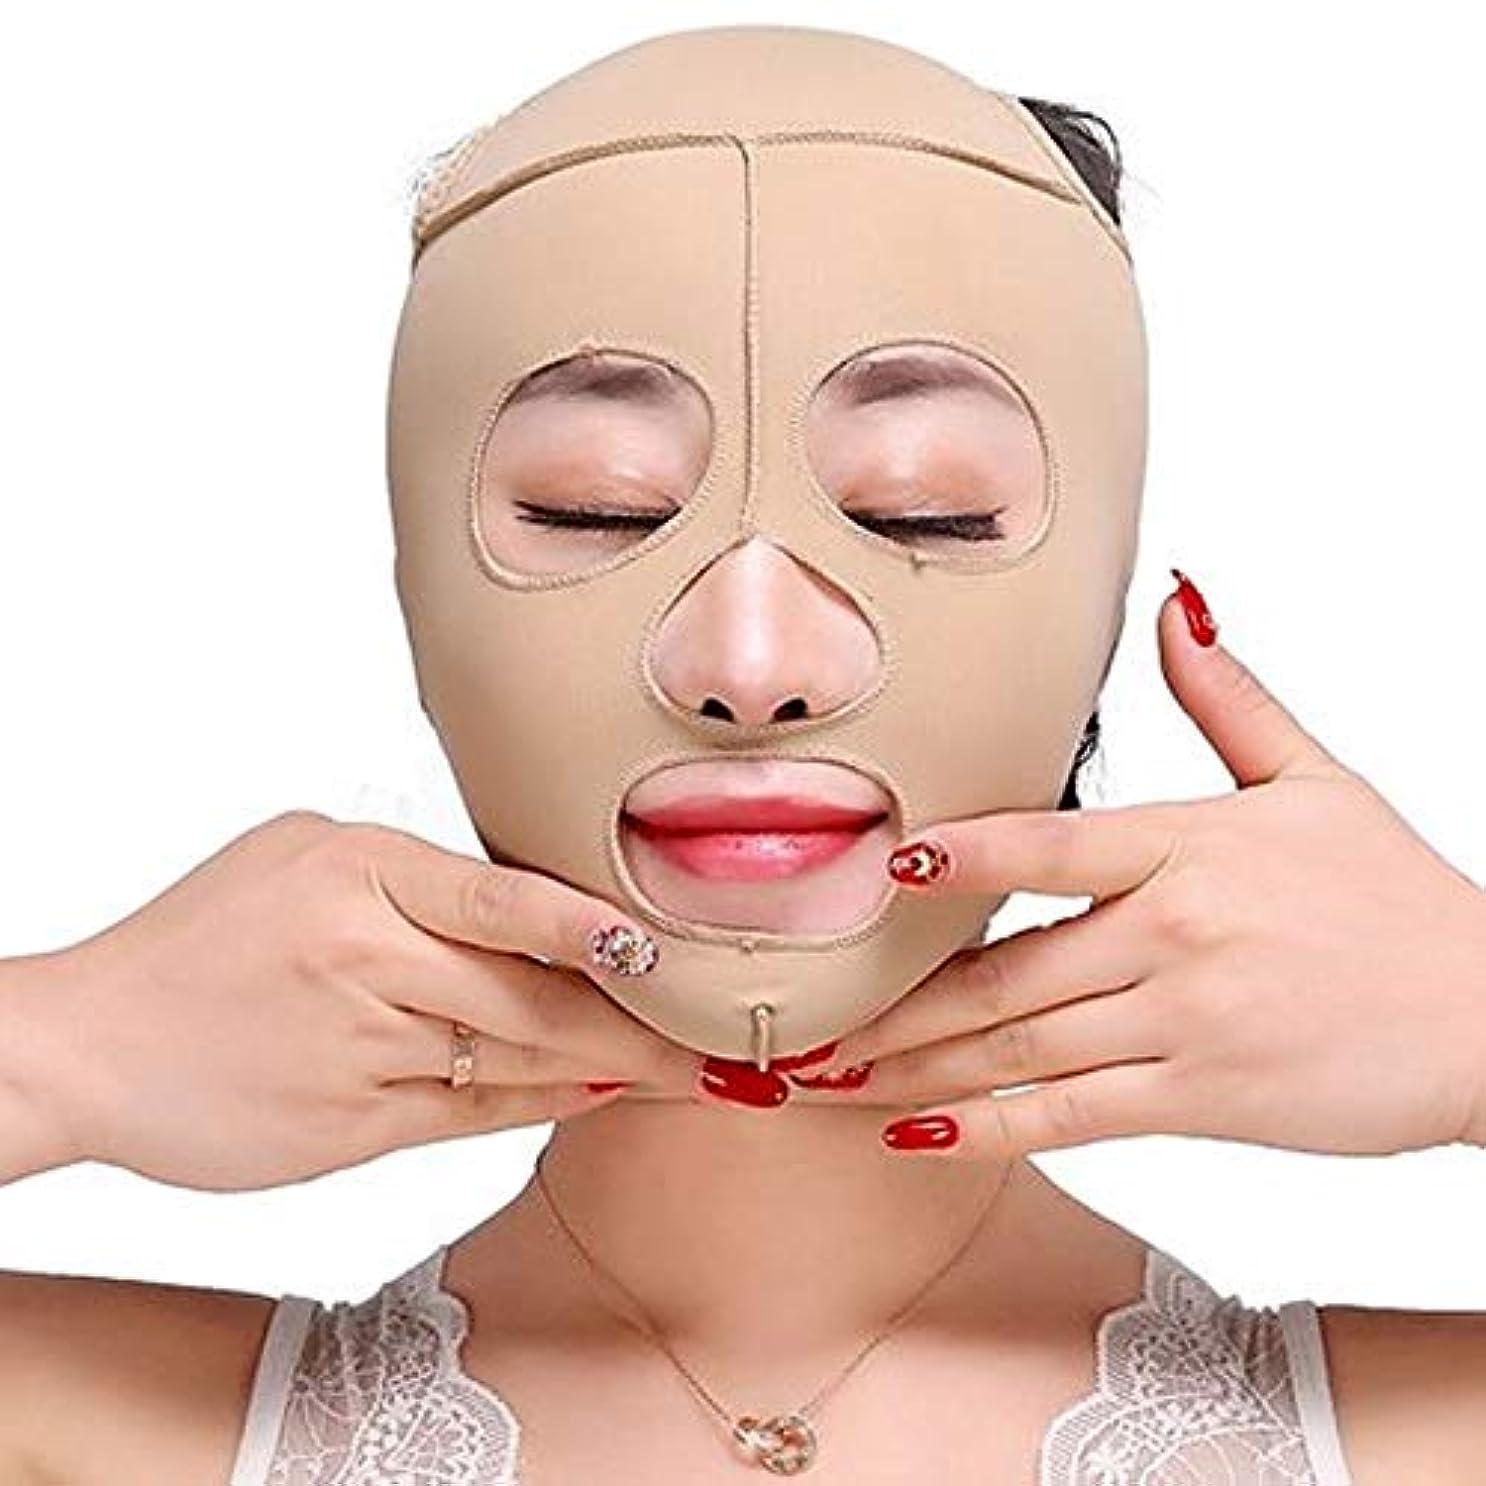 裁判所ガード十分ですJia Jia- フェイスリフティングアーティファクト睡眠薄い顔顔の顔薄い顔V顔マスク二重あご薄い顔包帯肌色 顔面包帯 (サイズ さいず : XL)